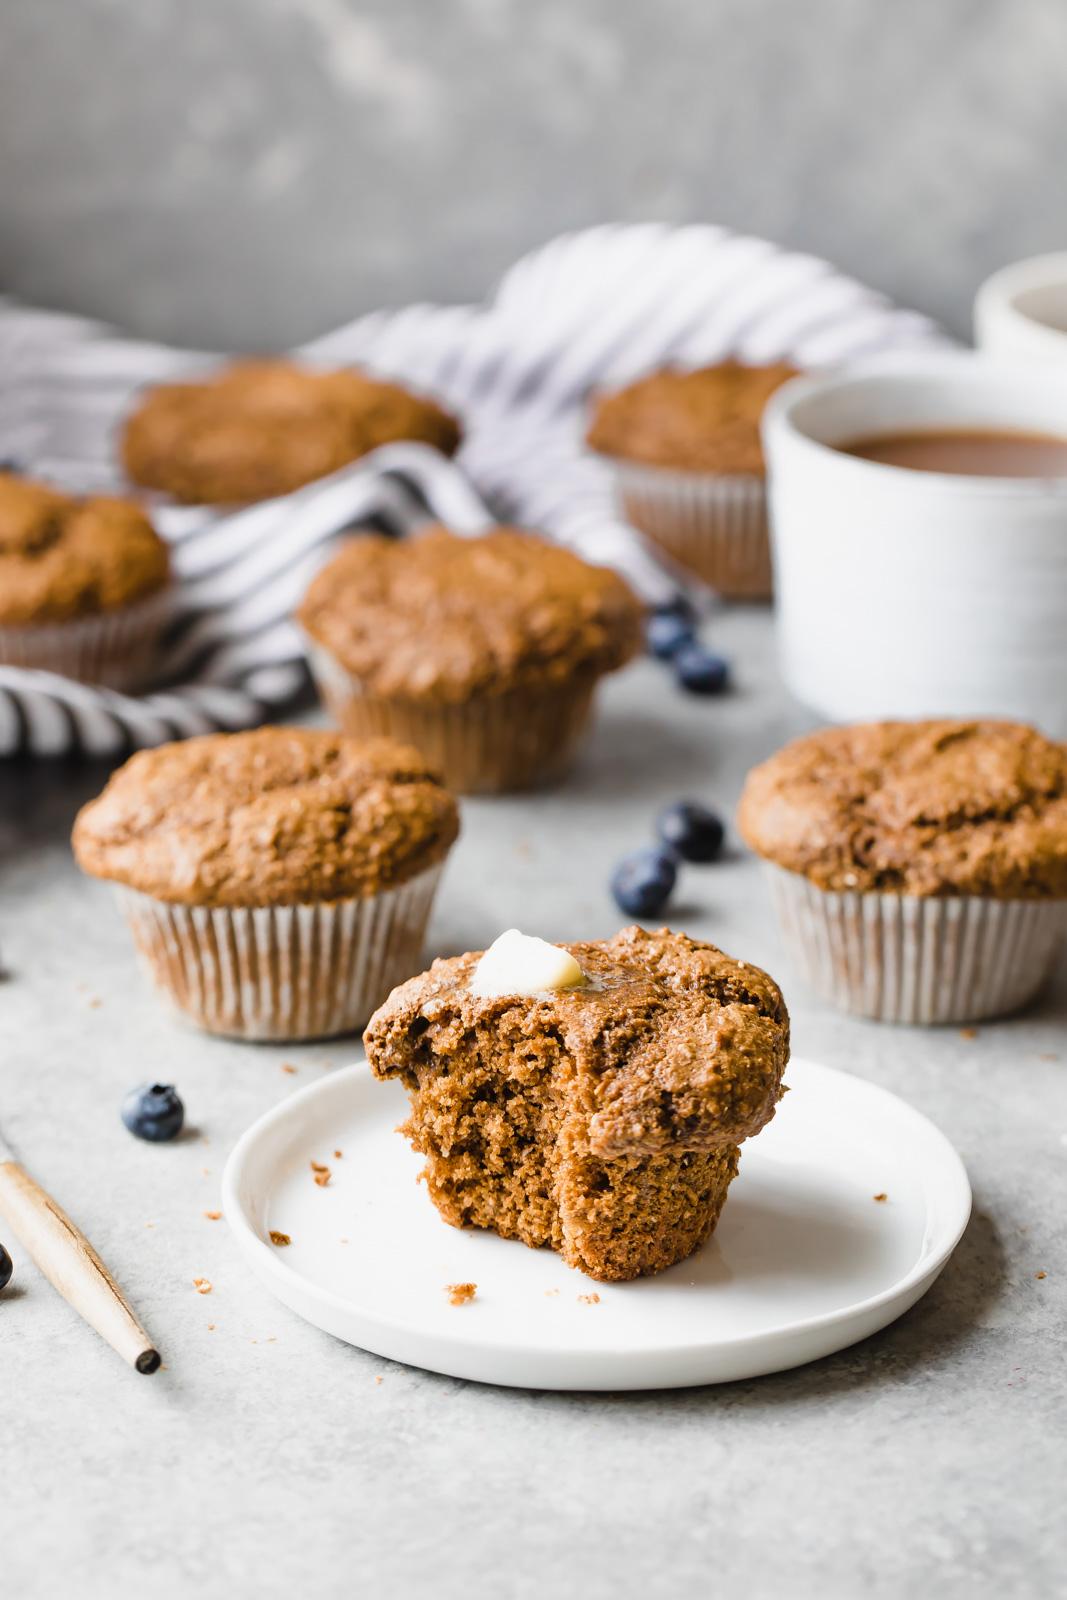 make-ahead breakfast recipes: bran muffins